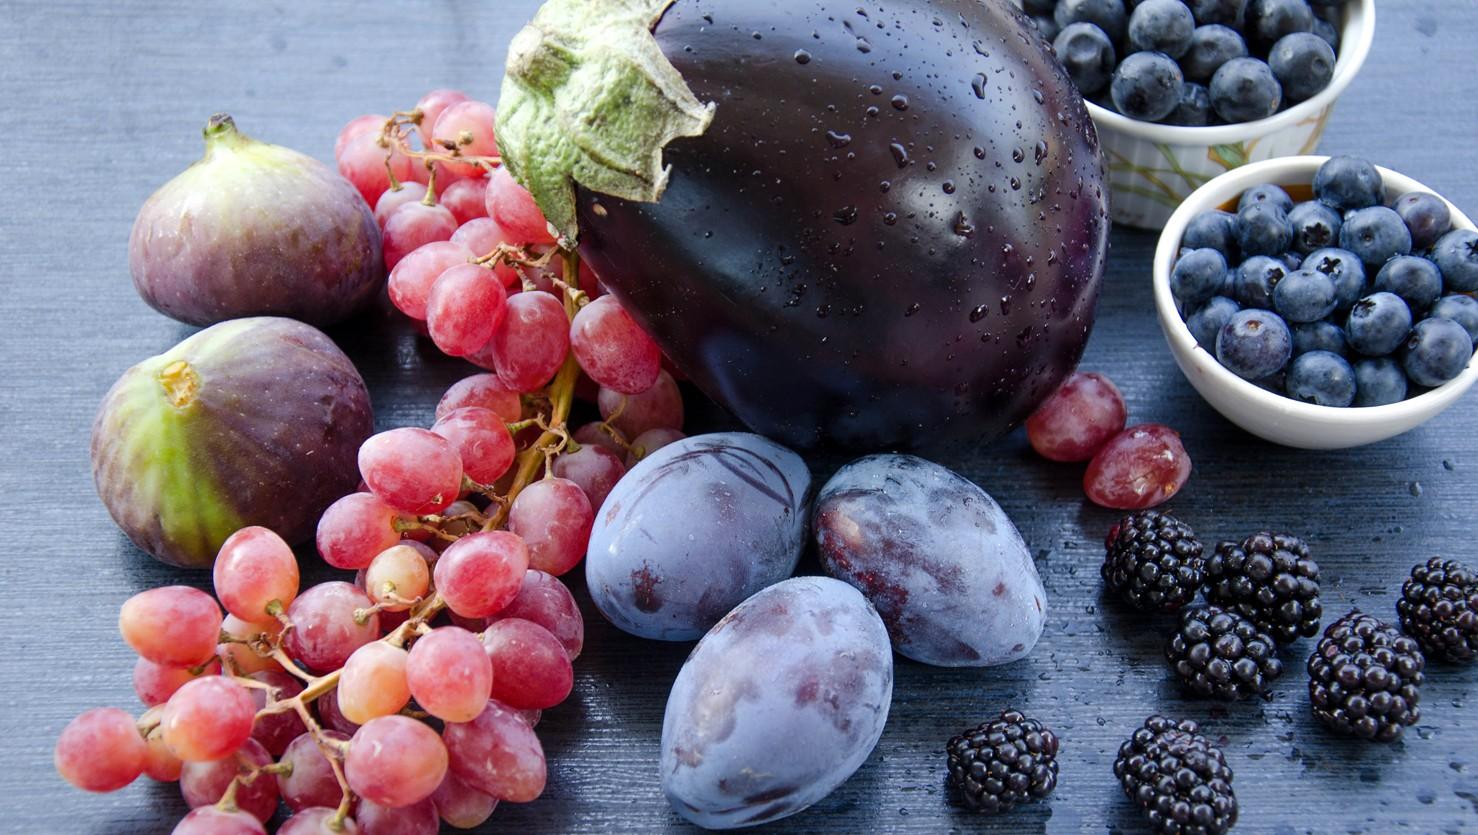 Frutta e verdura di colore viola